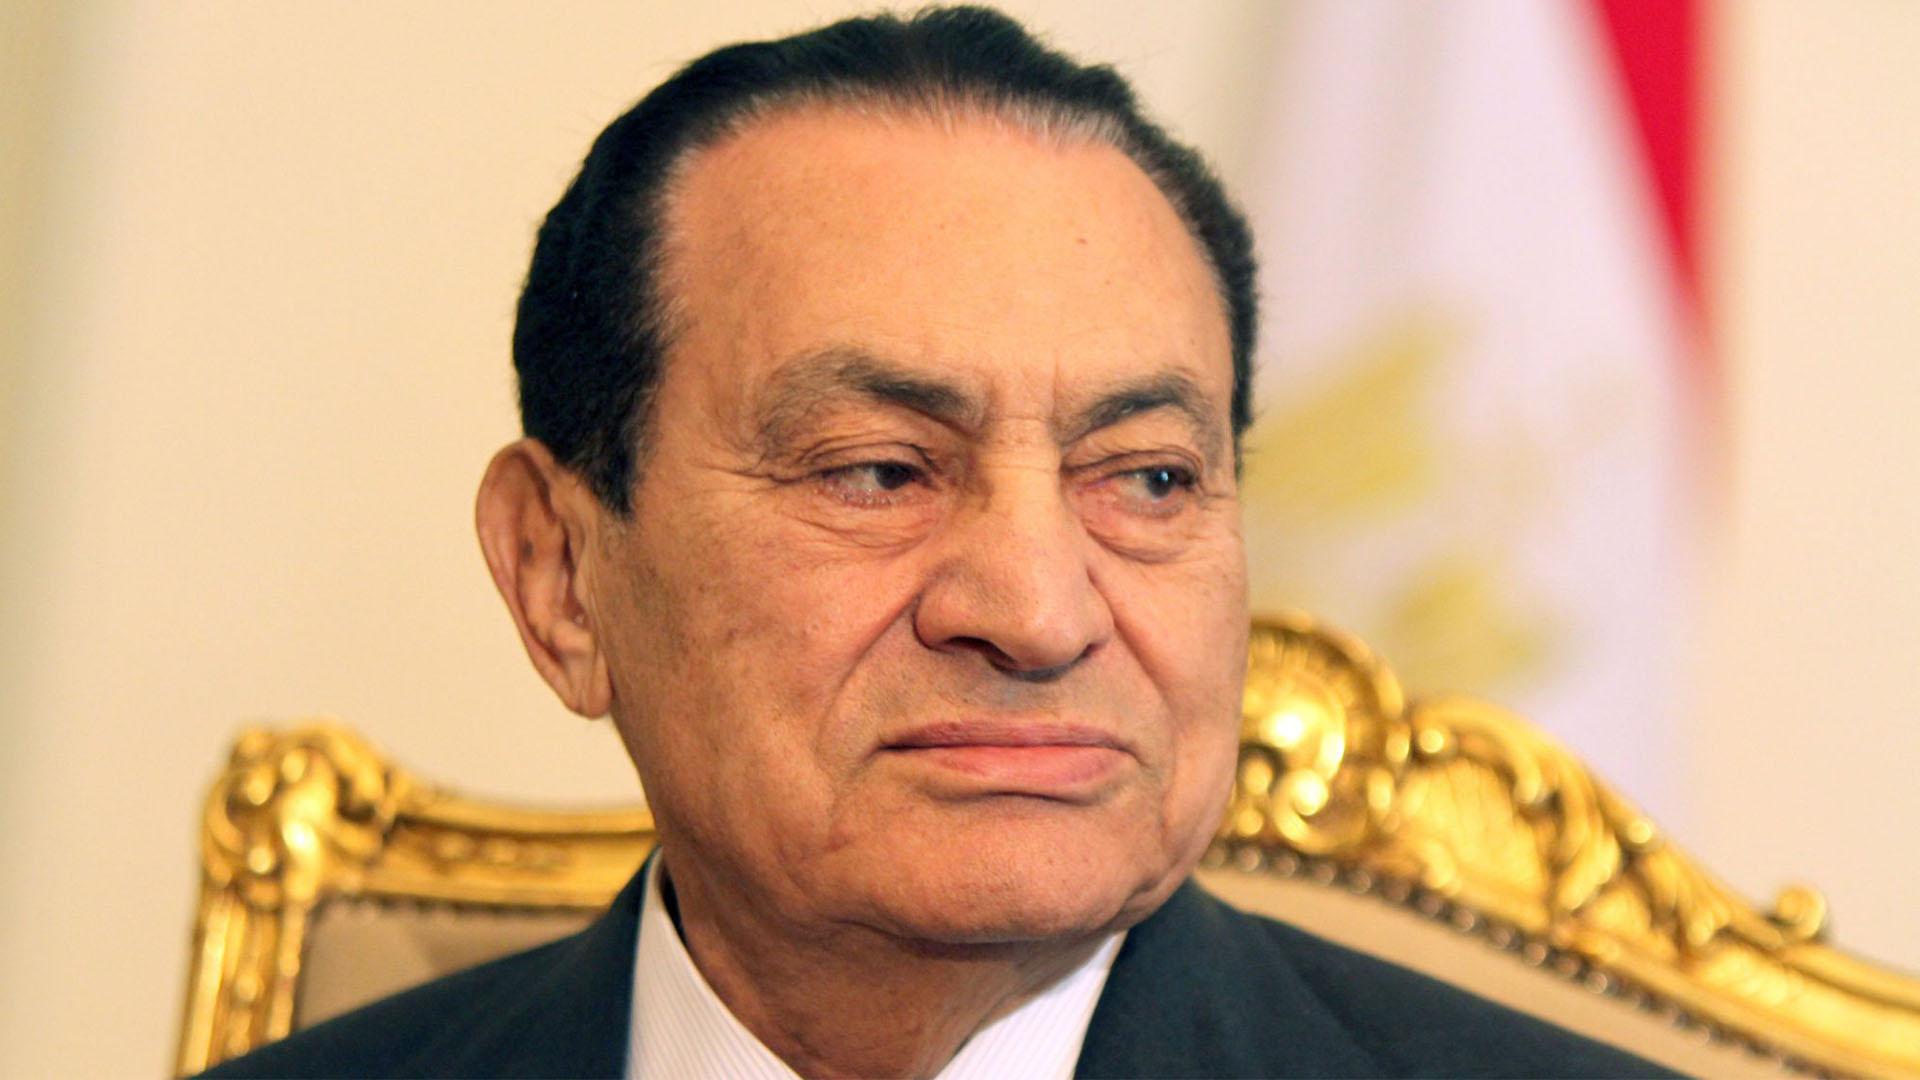 Falleció Hosni Mubarak, expresidente de Egipto durante 30 años